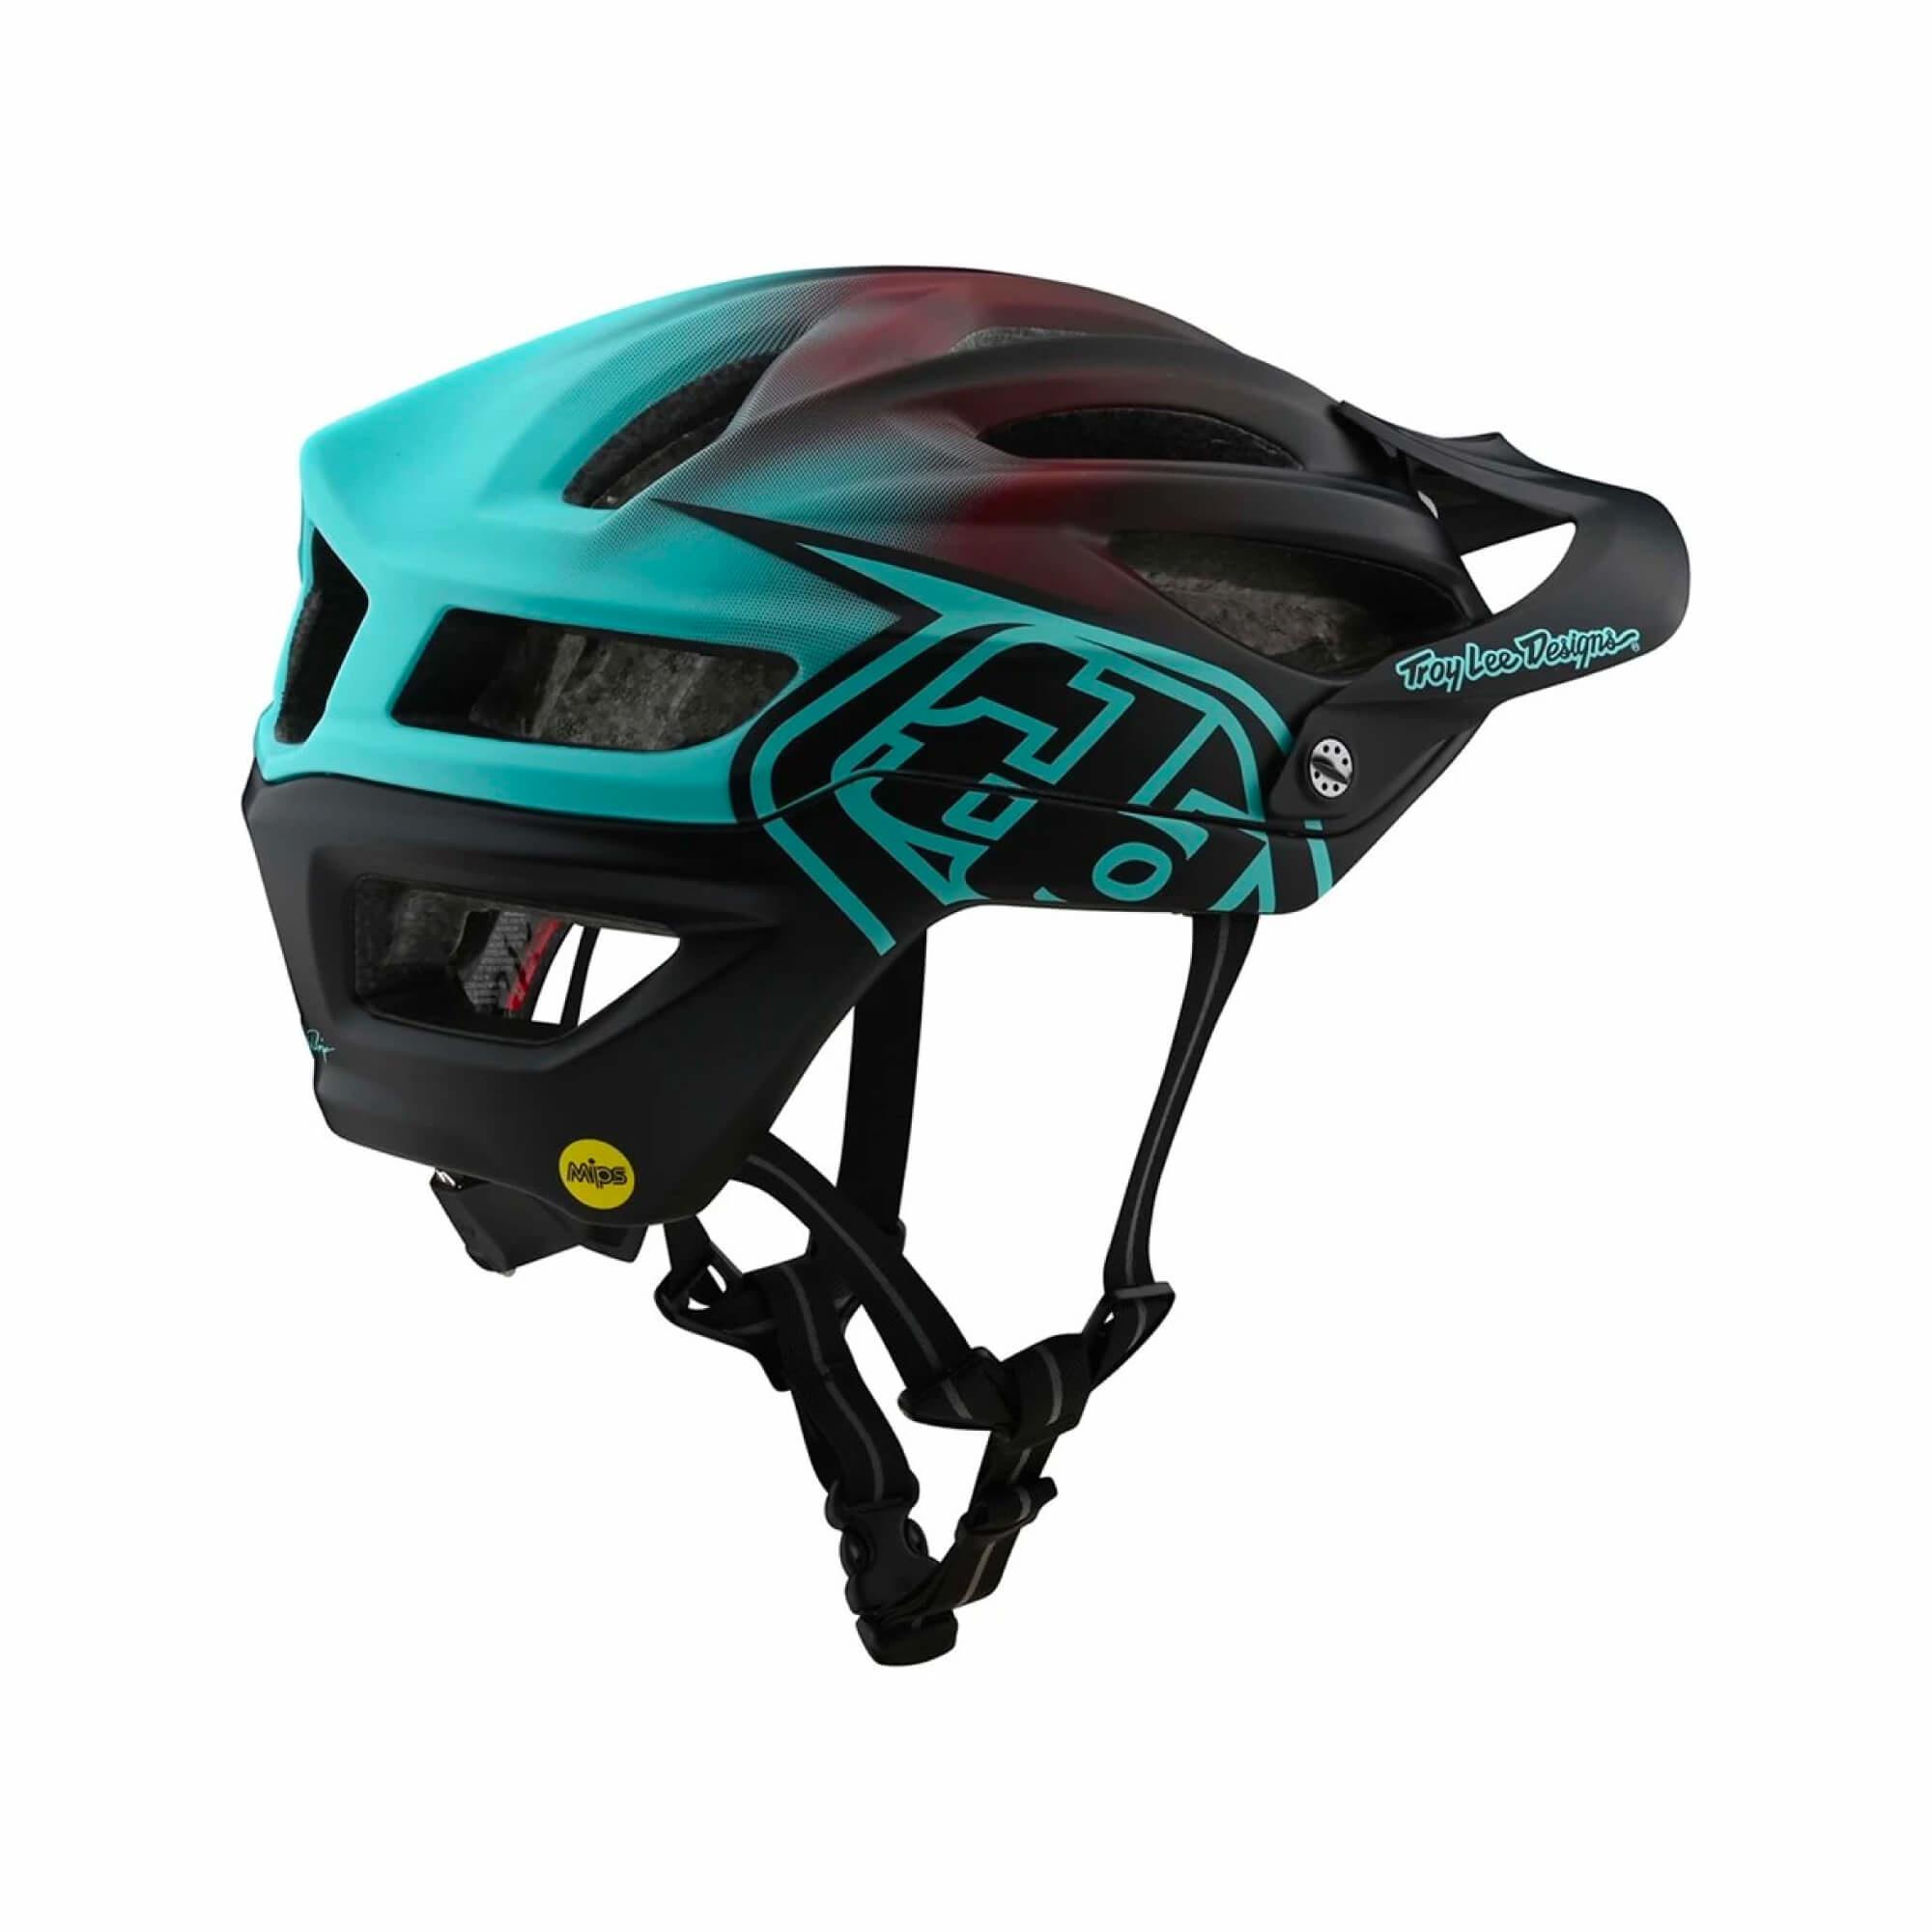 ER A2 As Mips Helmet 21-2